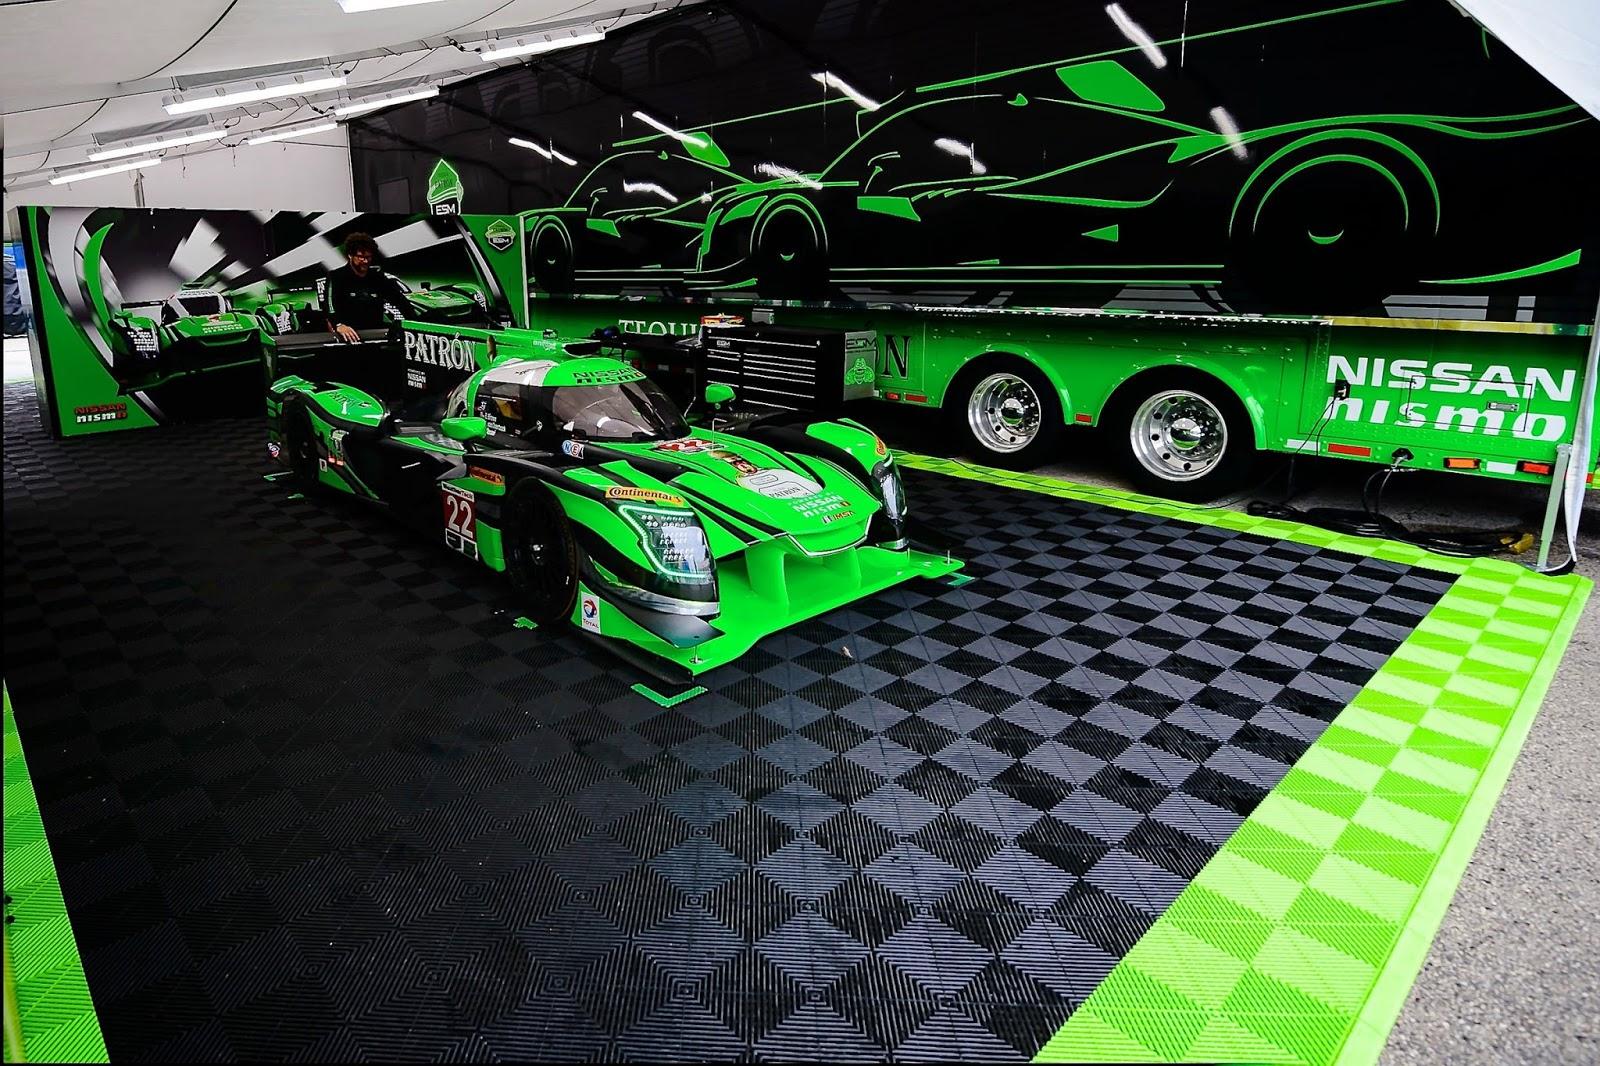 H Nissan κατακτά το Road America με τους Pipo Derani και Johannes van Overbeek στο τιμόνι του  No22 ESM